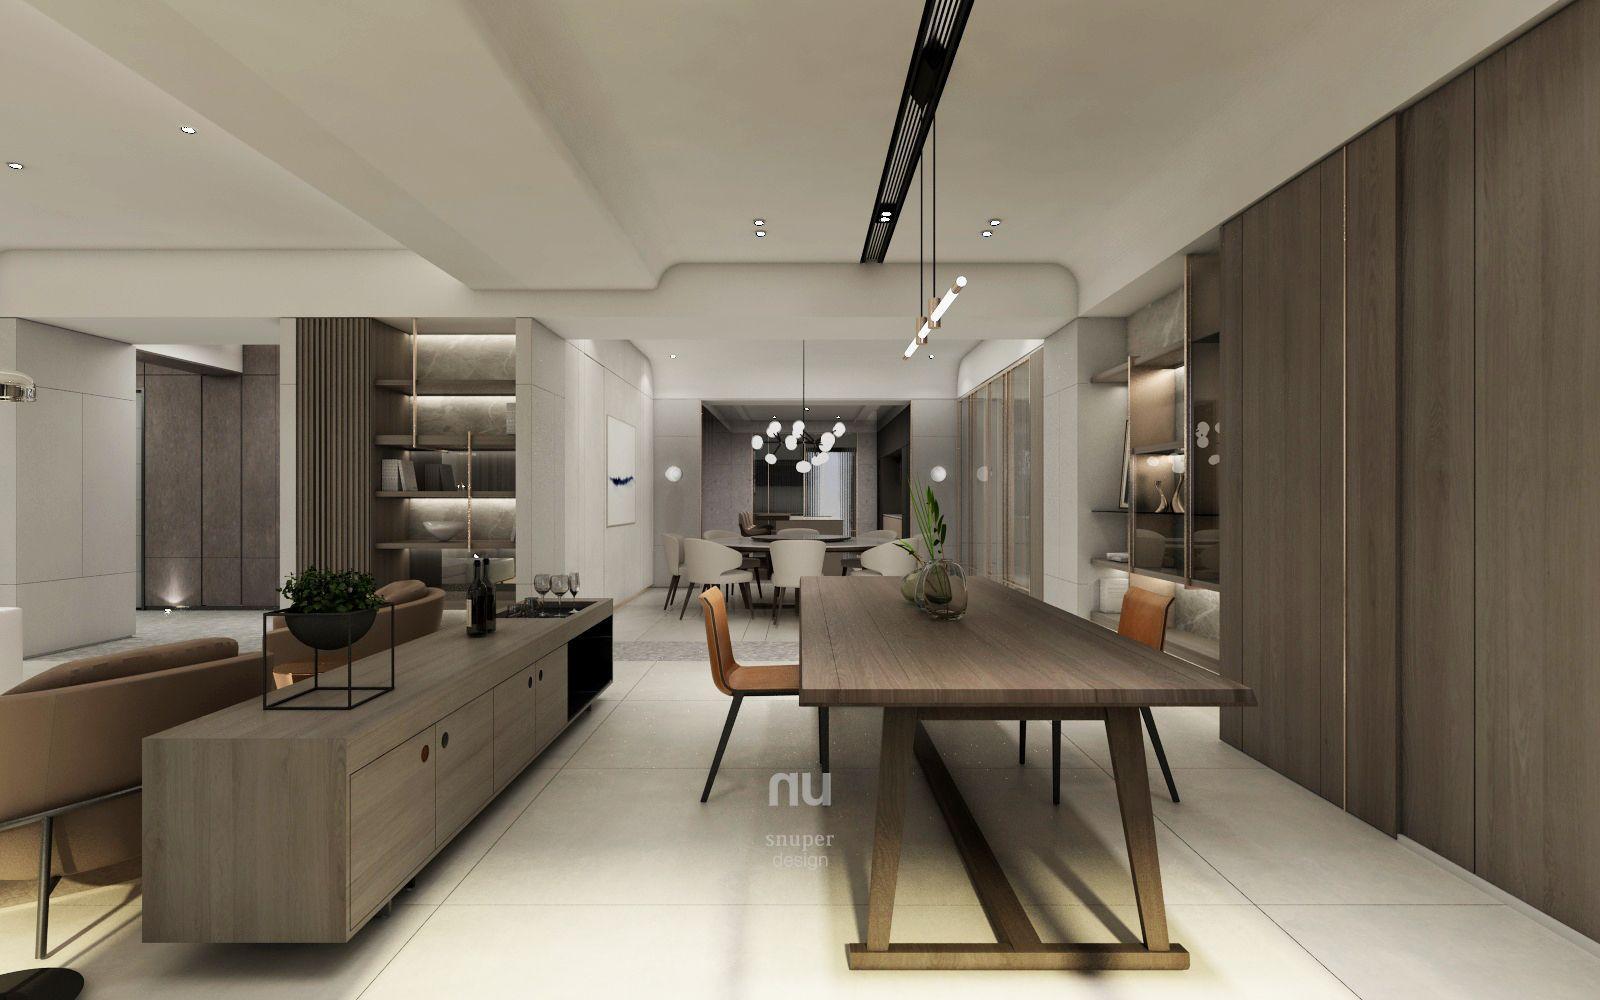 台中豪宅設計-客廳